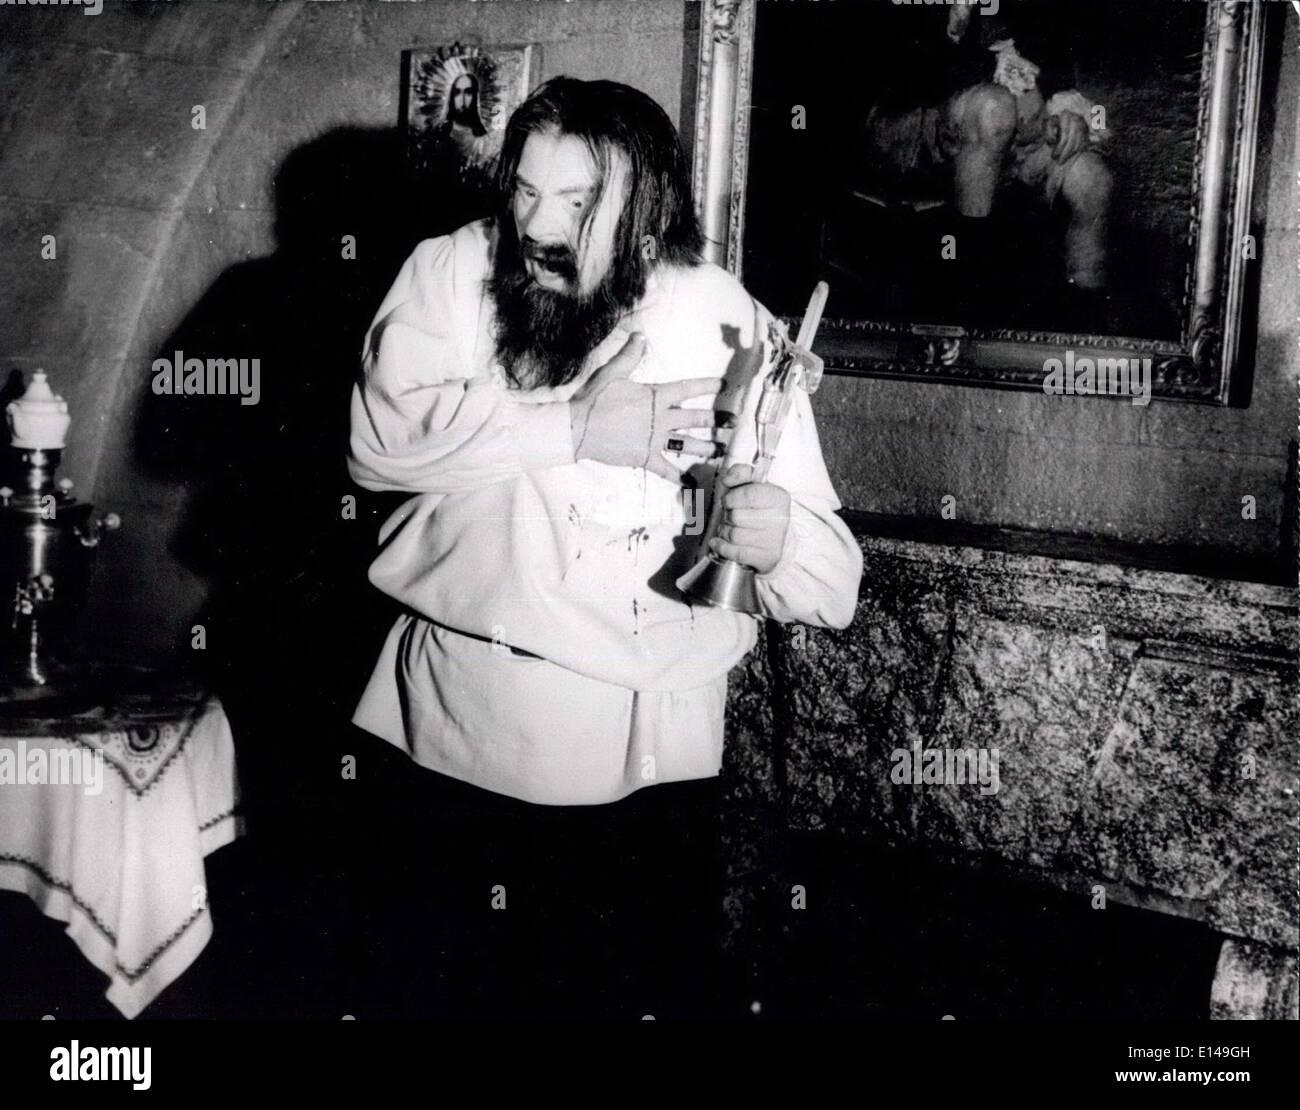 Apr. 17, 2012 - Rasputin giocato da Gert Froebe Immagini Stock